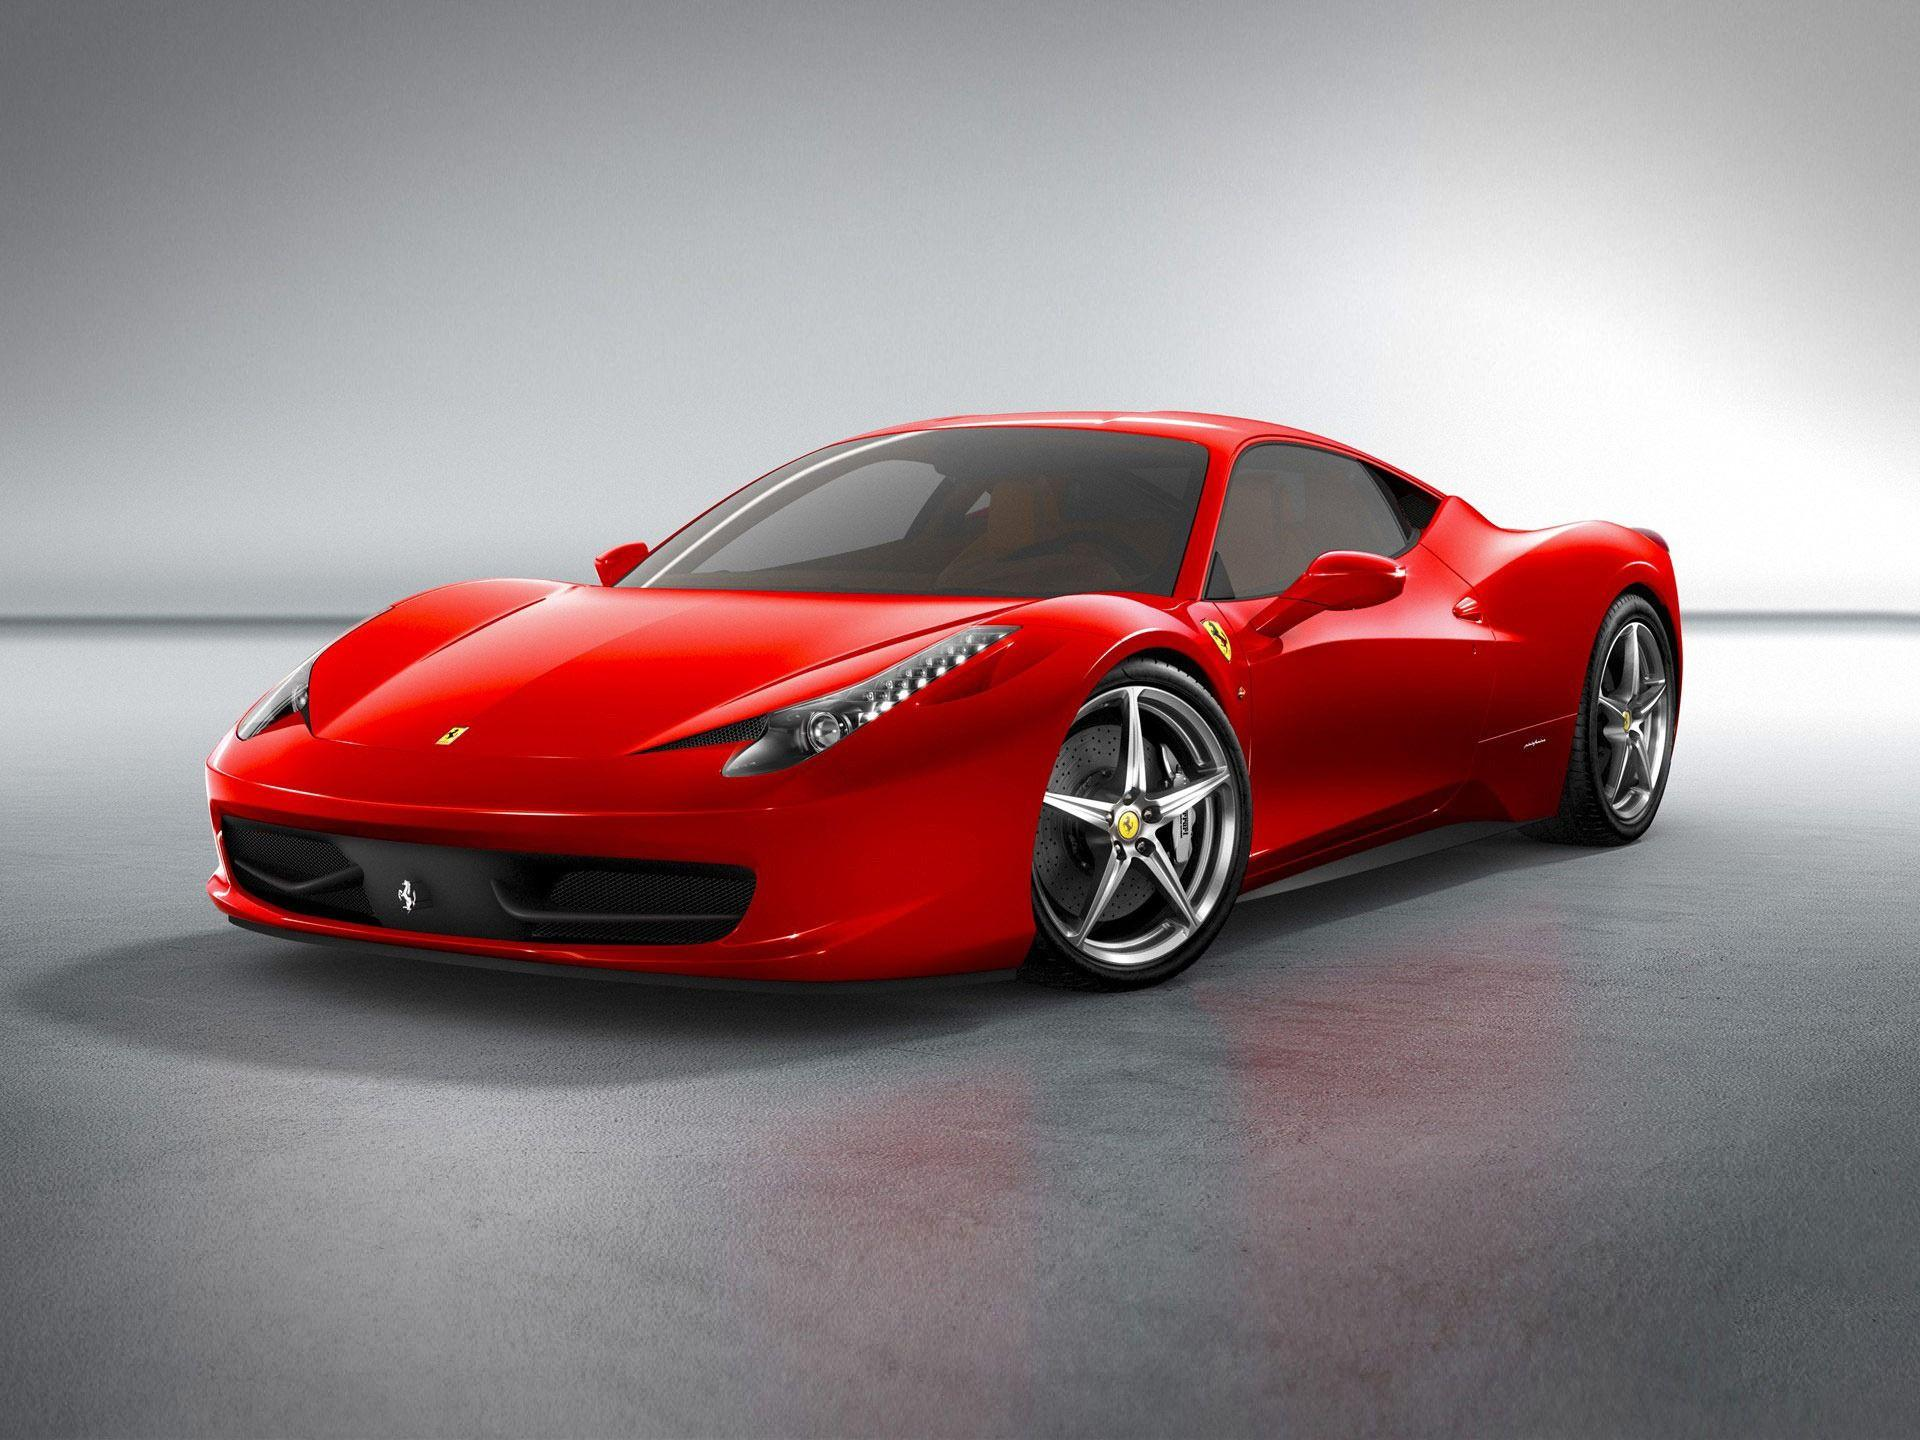 Ferrari Wallpaper Sports Car Novocom Top